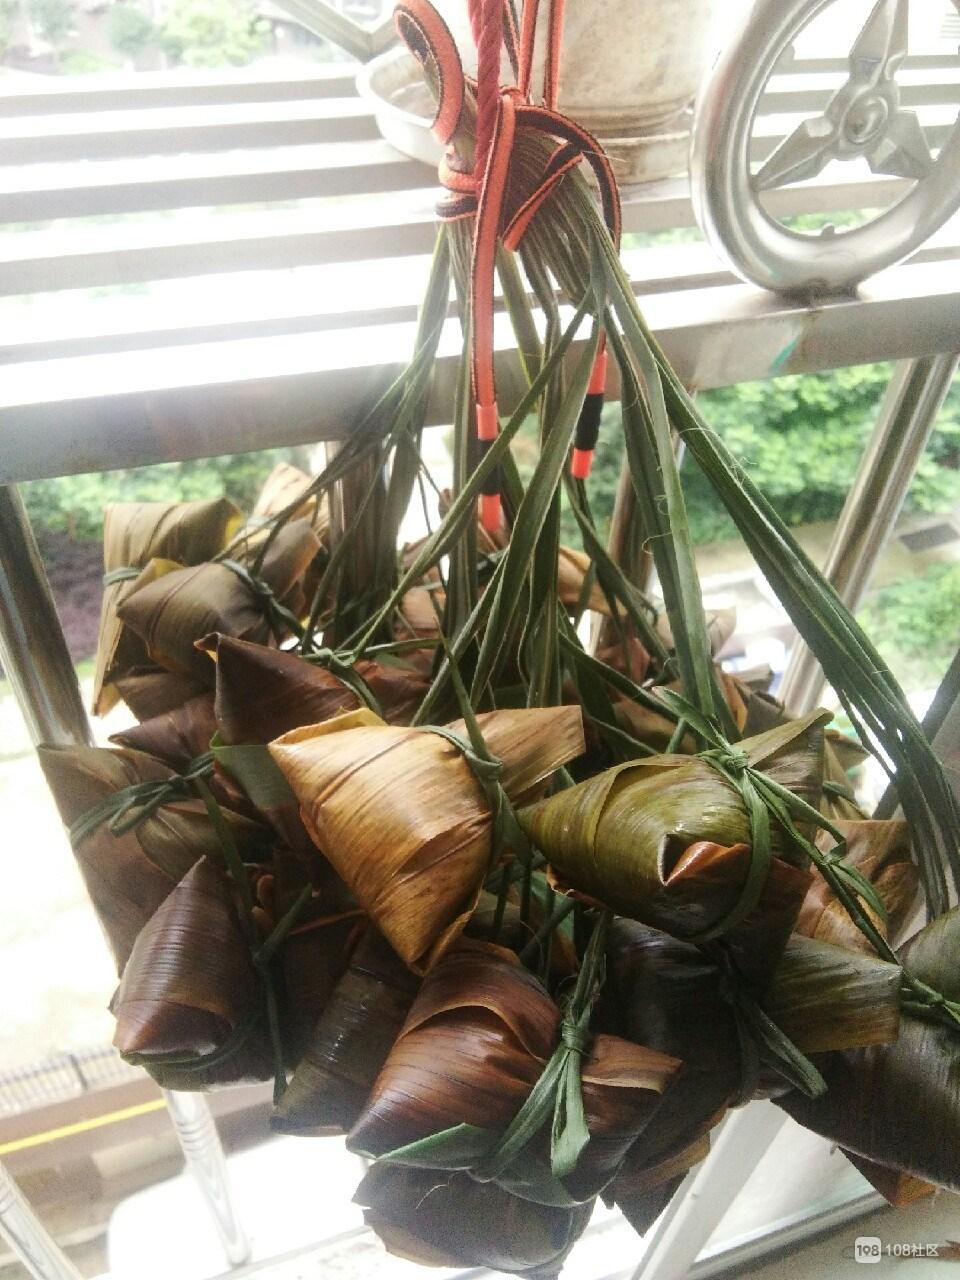 这传统美味往阳台上一绑就可以开工了!耗时耗力但人人都爱